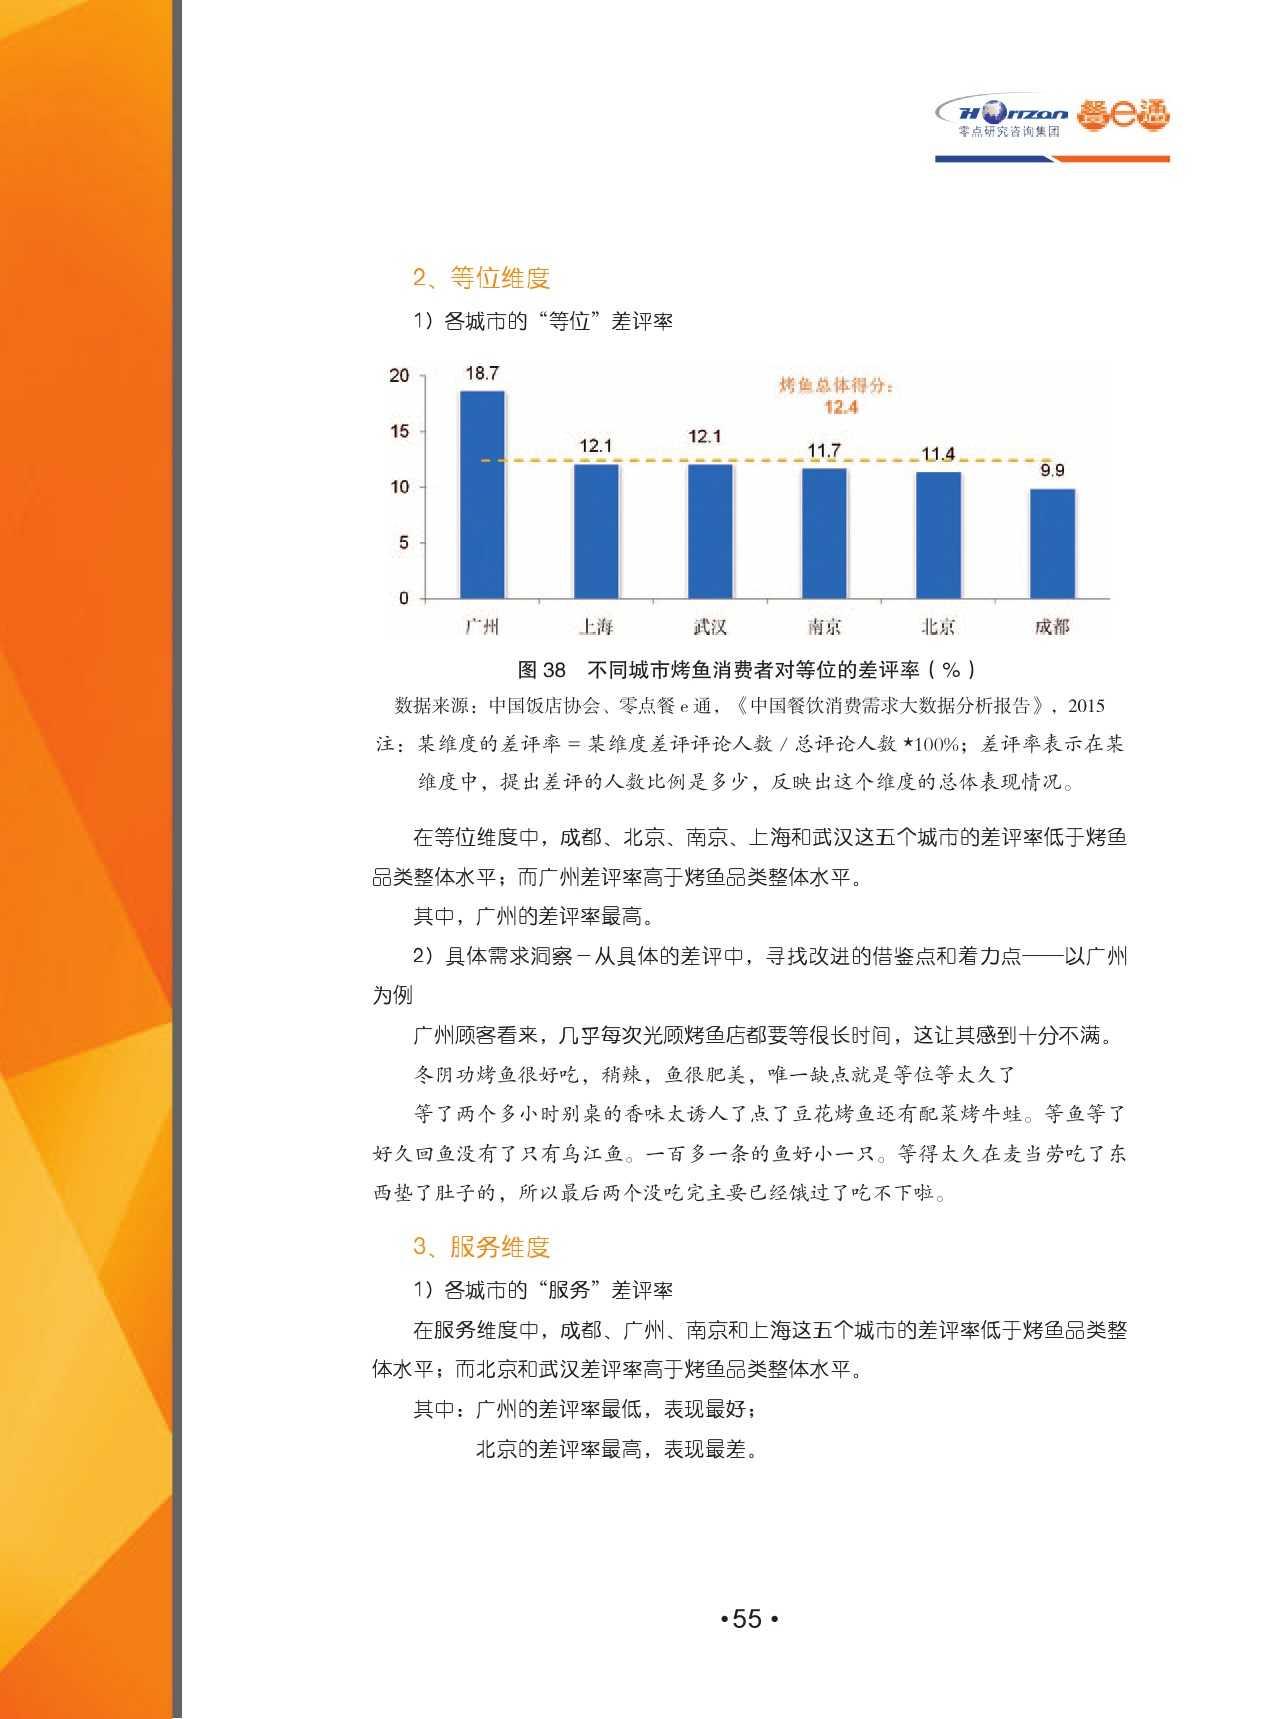 2015中国餐饮消费需求大数据分析报告_000057